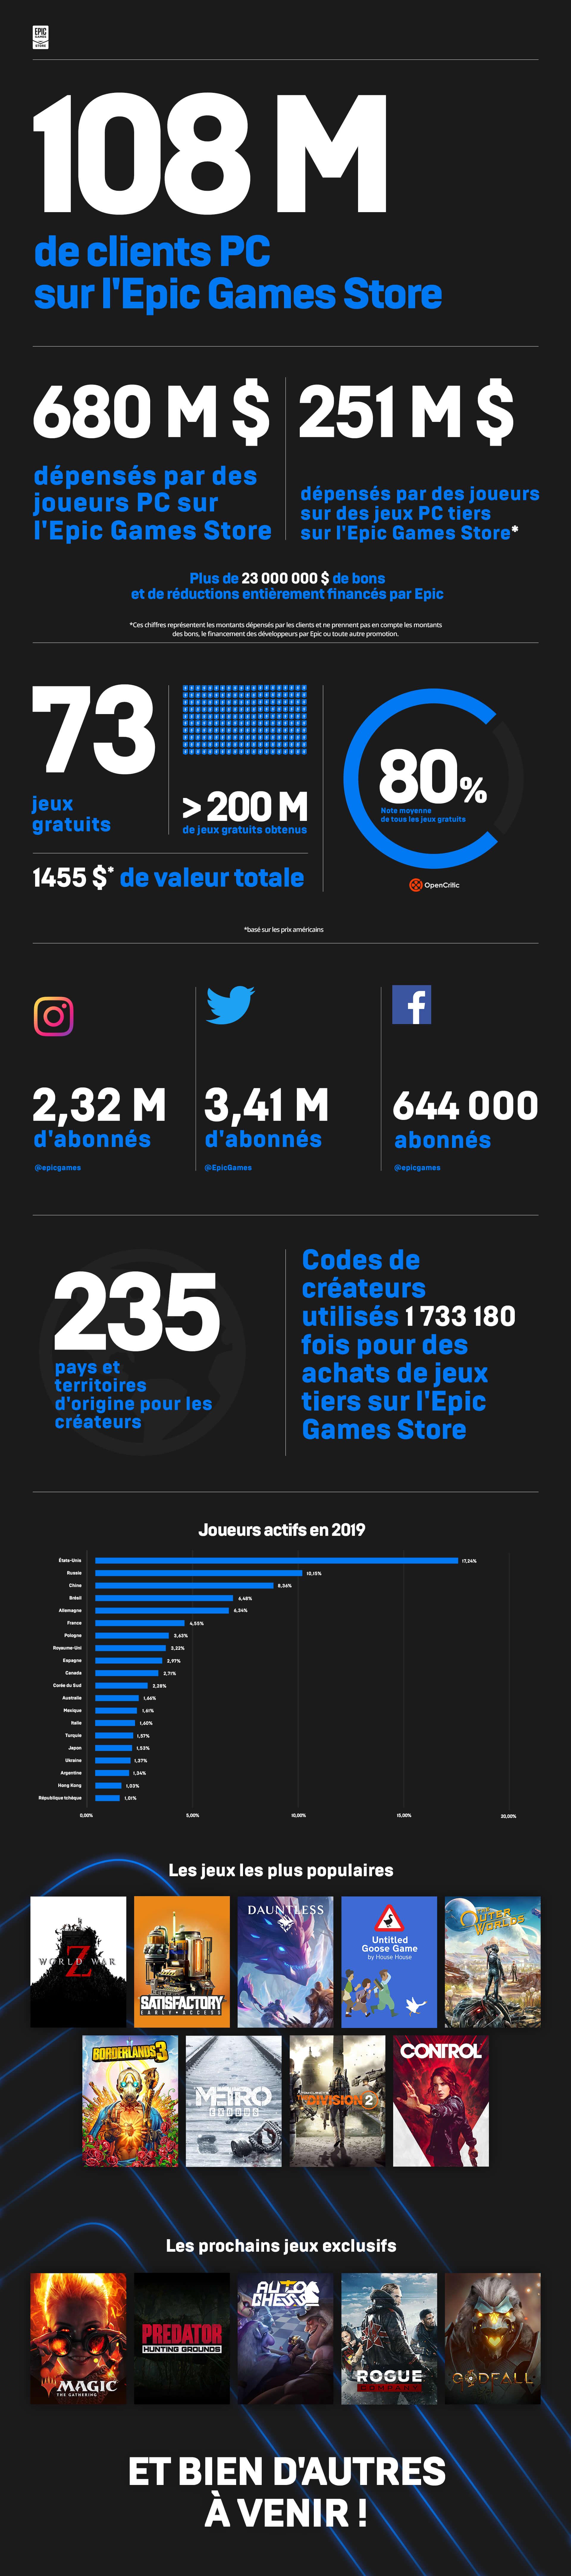 FR_EGS_Infographic.jpg